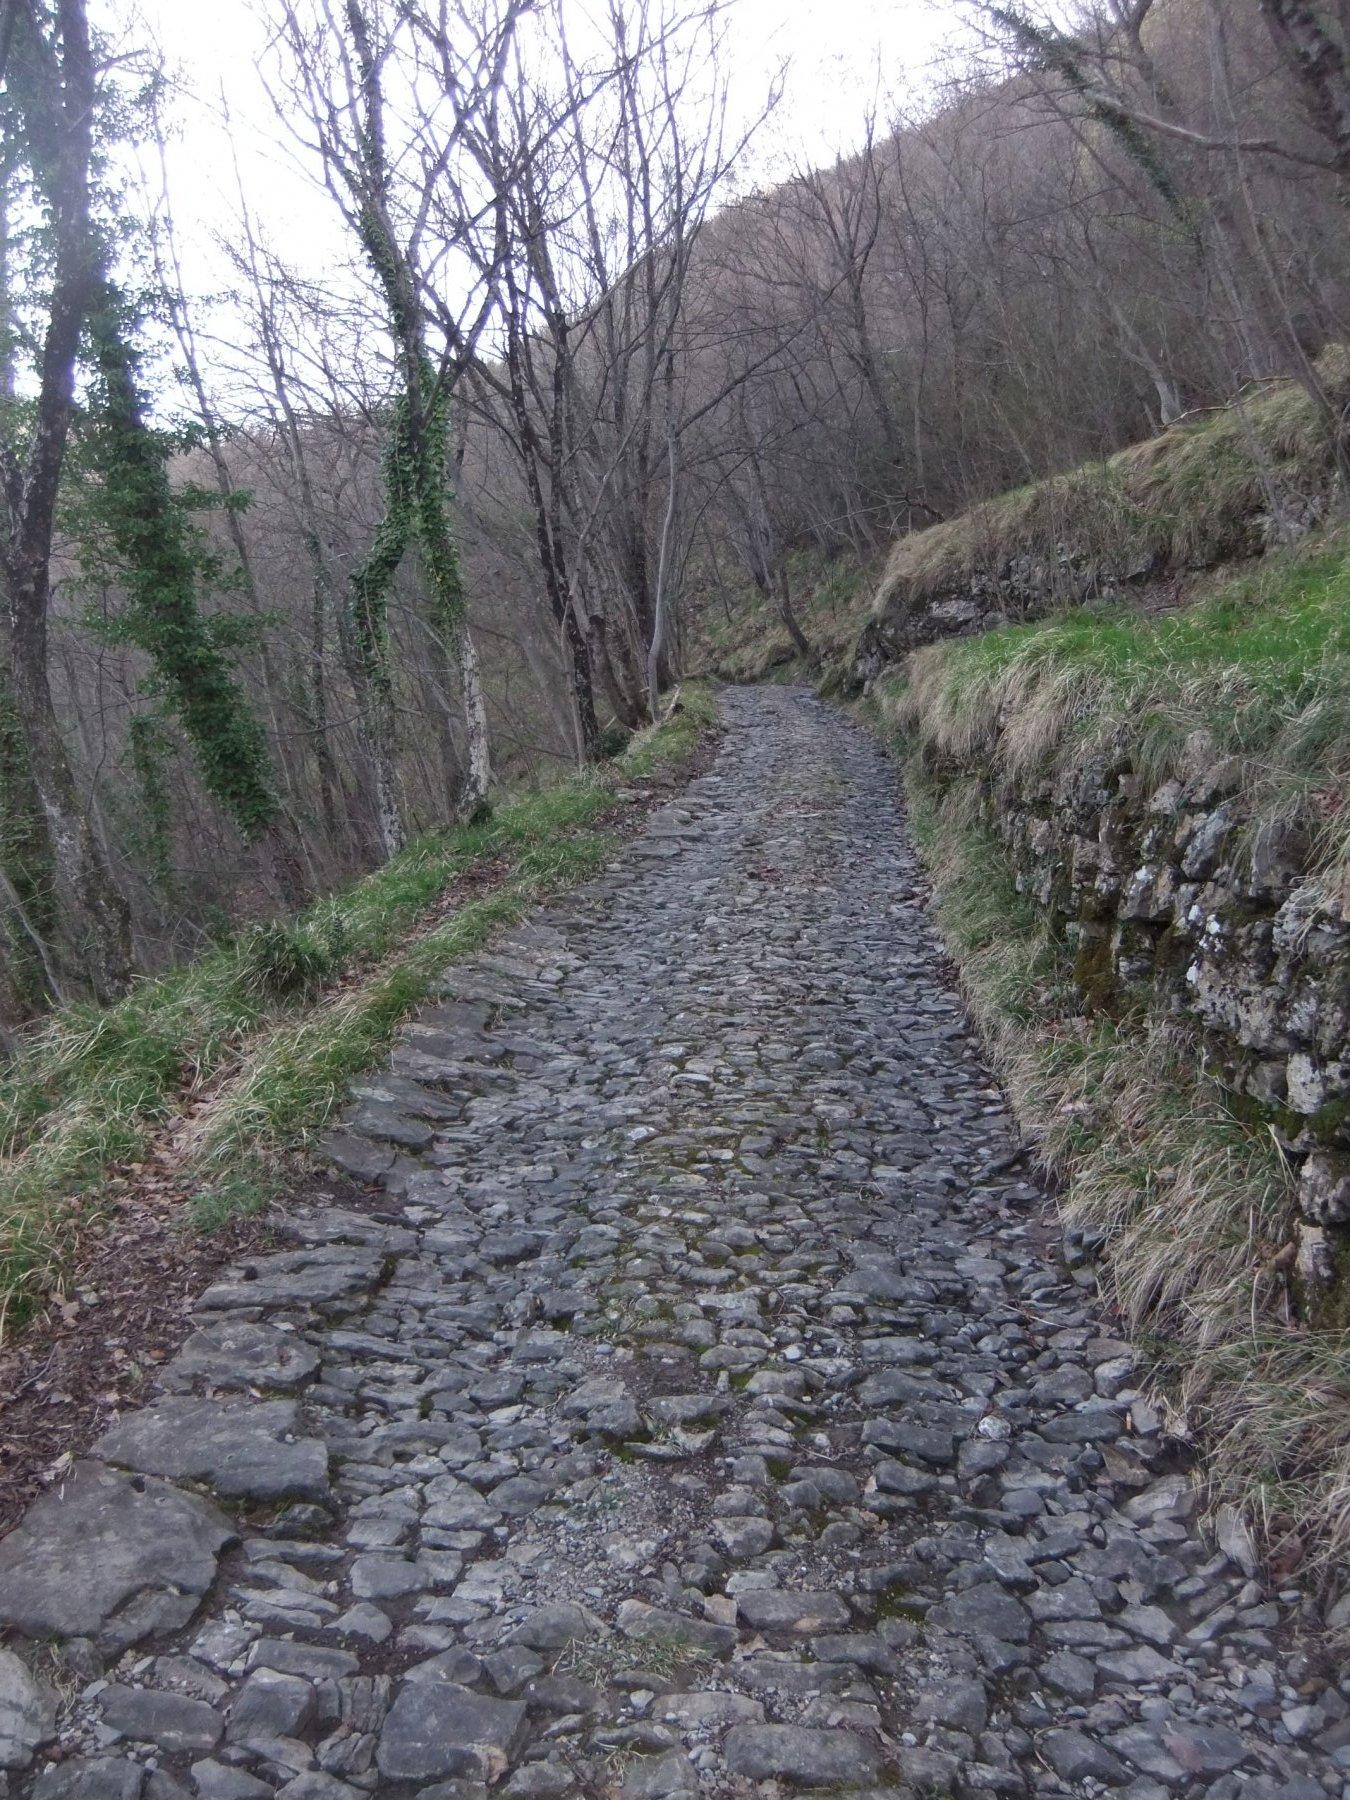 Strada acciottolata verso la Gola di Sisa